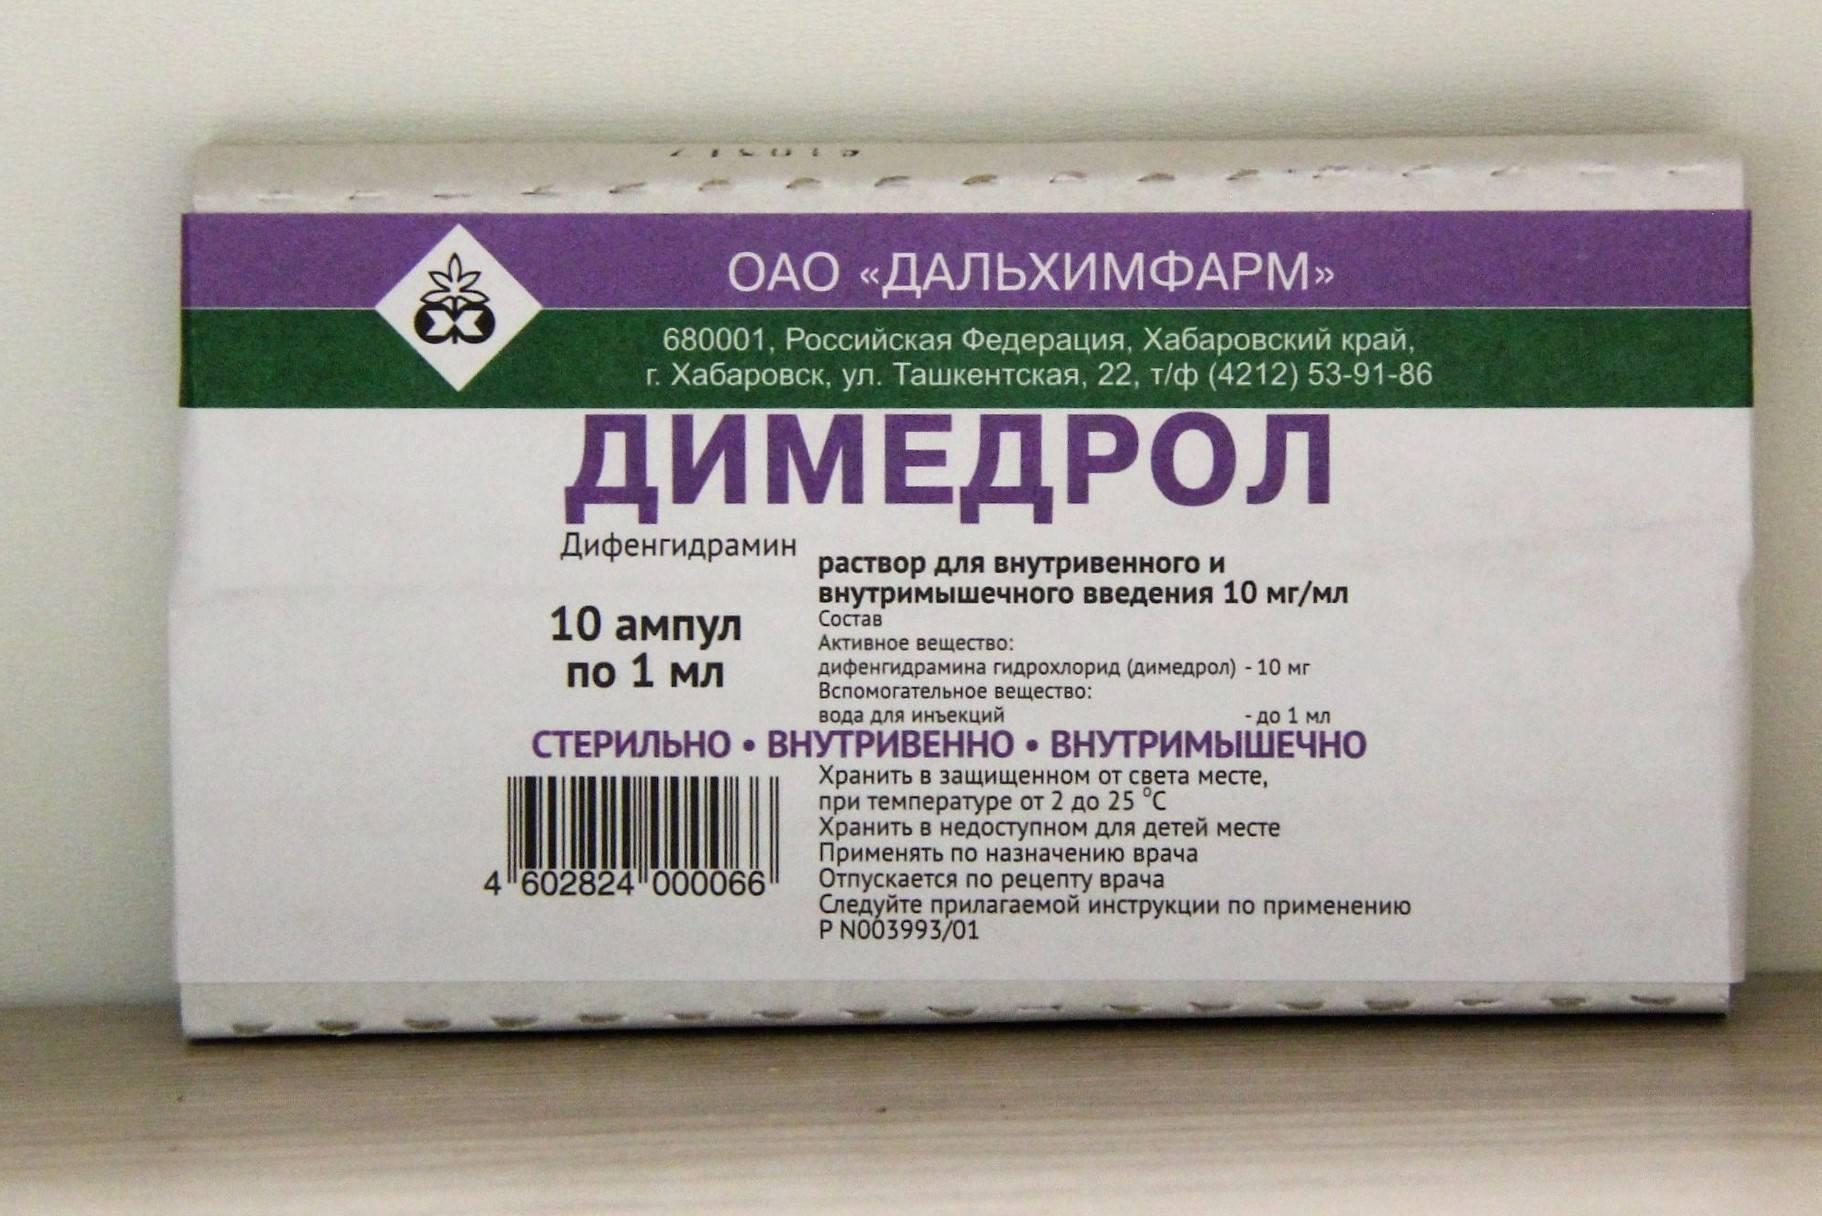 Димедрол детям: инструкция по применению детских таблеток детский, можно ли давать детям, дозировка